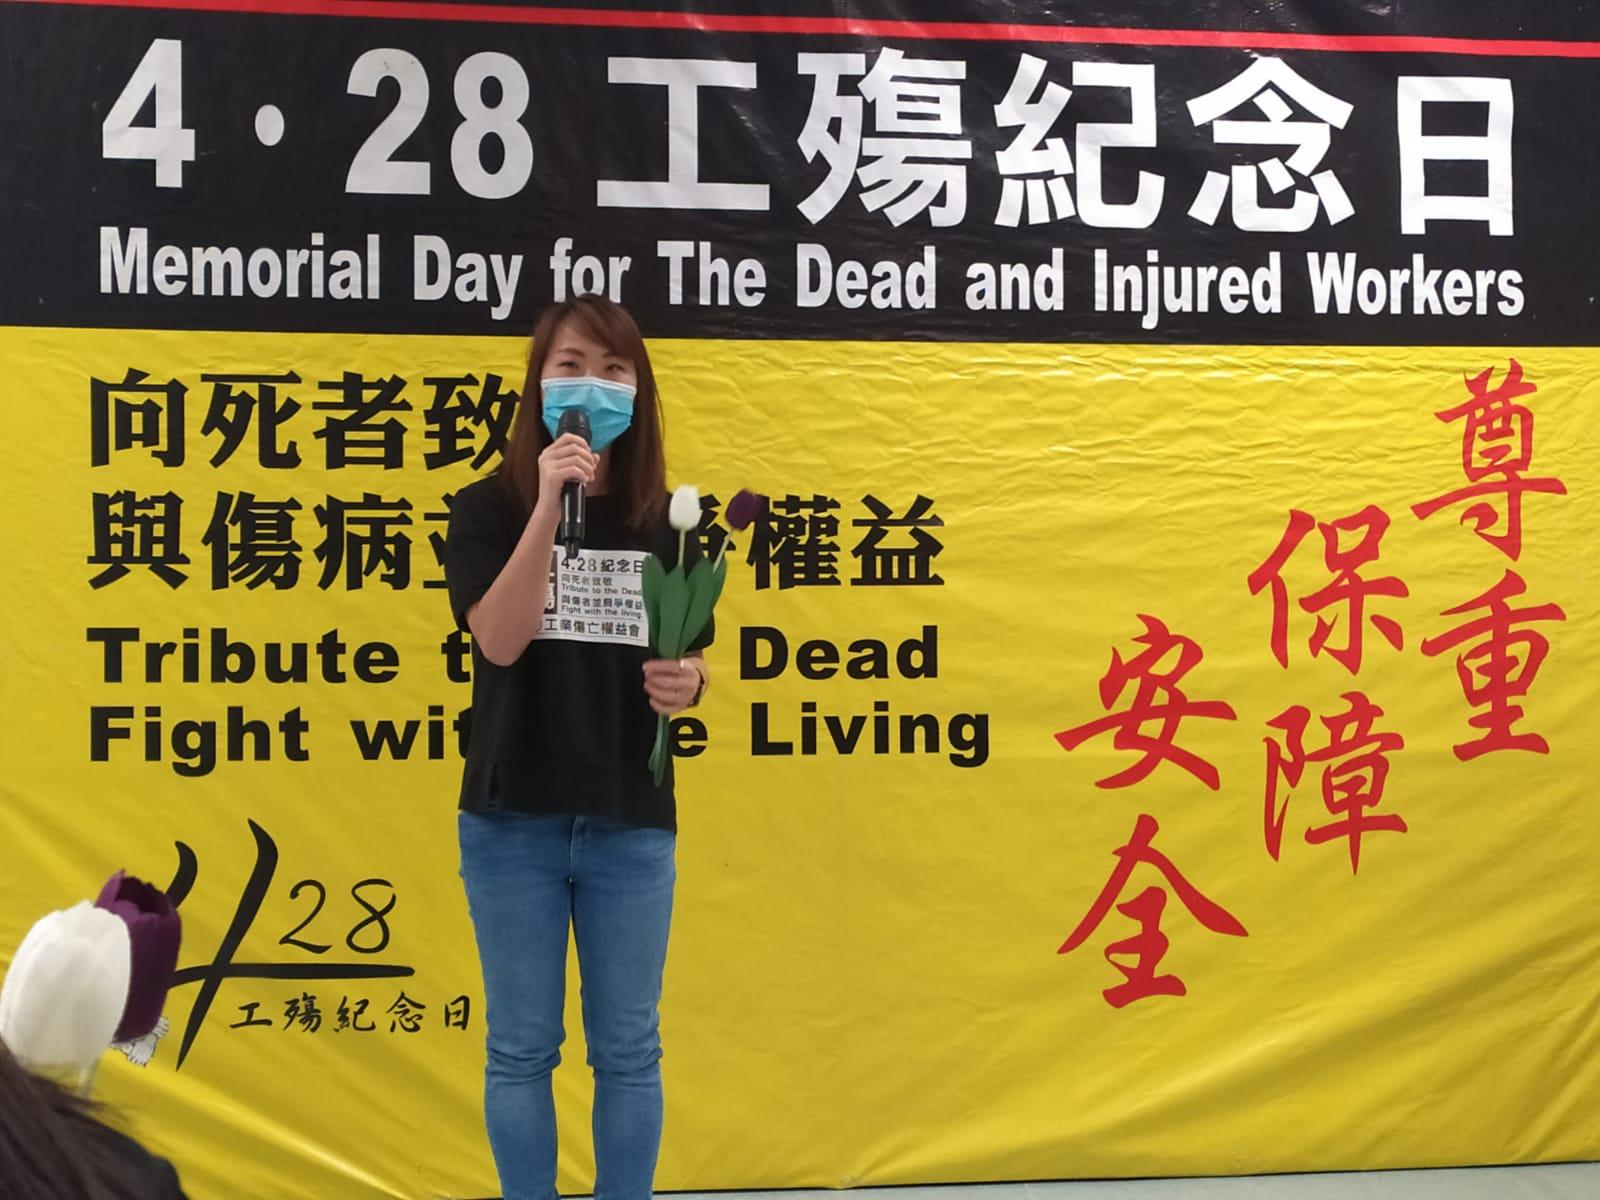 「停止工作間傳播」向死者致敬 與傷病者並肩爭權益 2020「4‧28國際工殤紀念日」 | 草根.行動.媒體